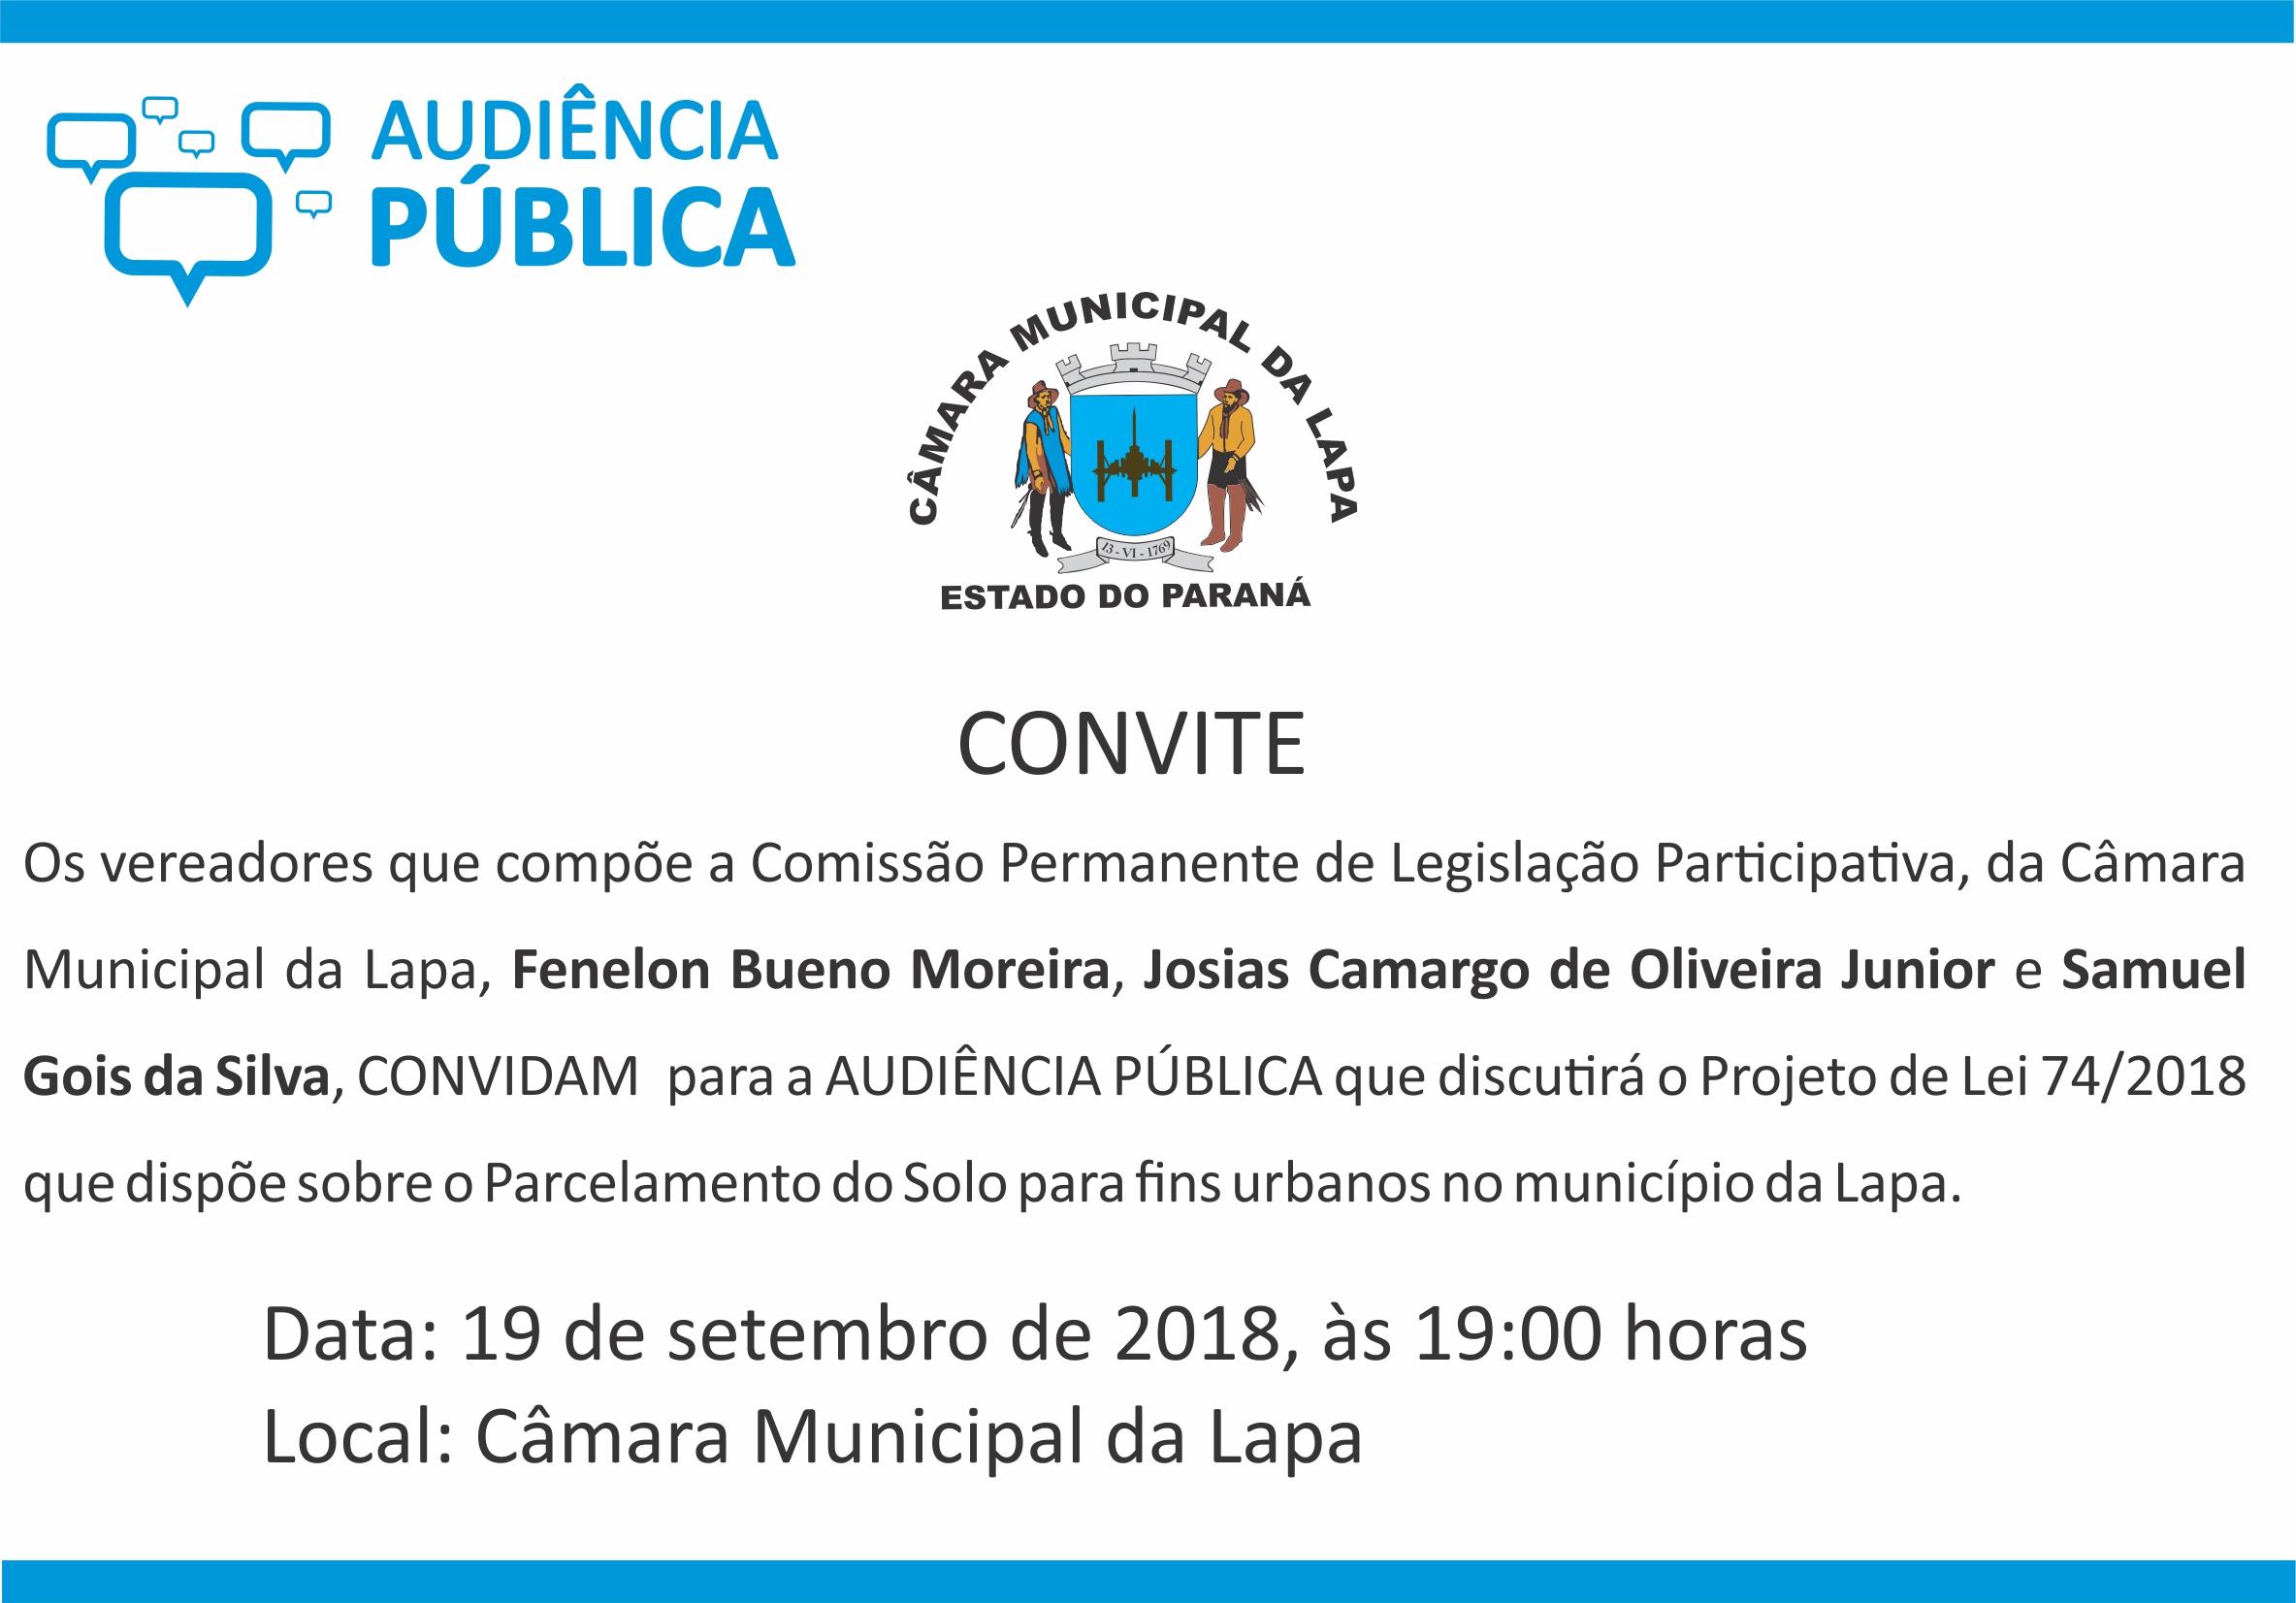 Audiência pública irá discutir Parcelamento do Solo urbano na Lapa